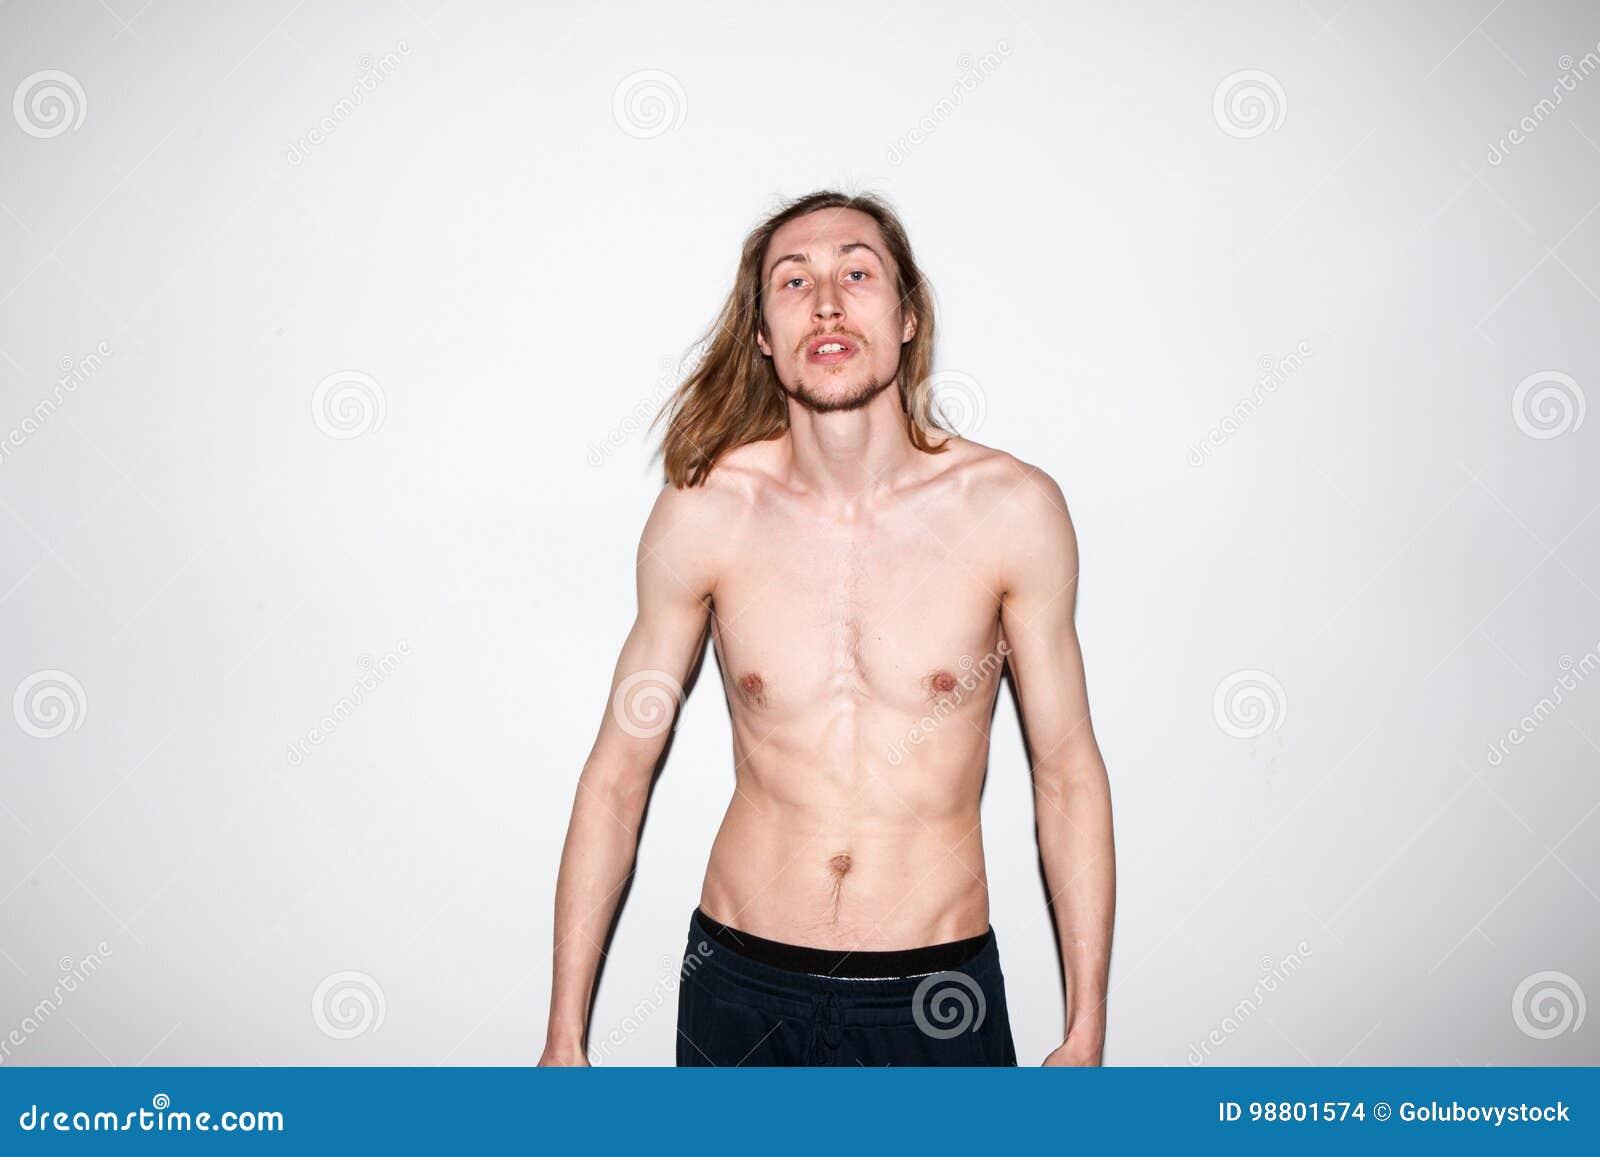 Γυμνή έφηβος πορνό κανάλι